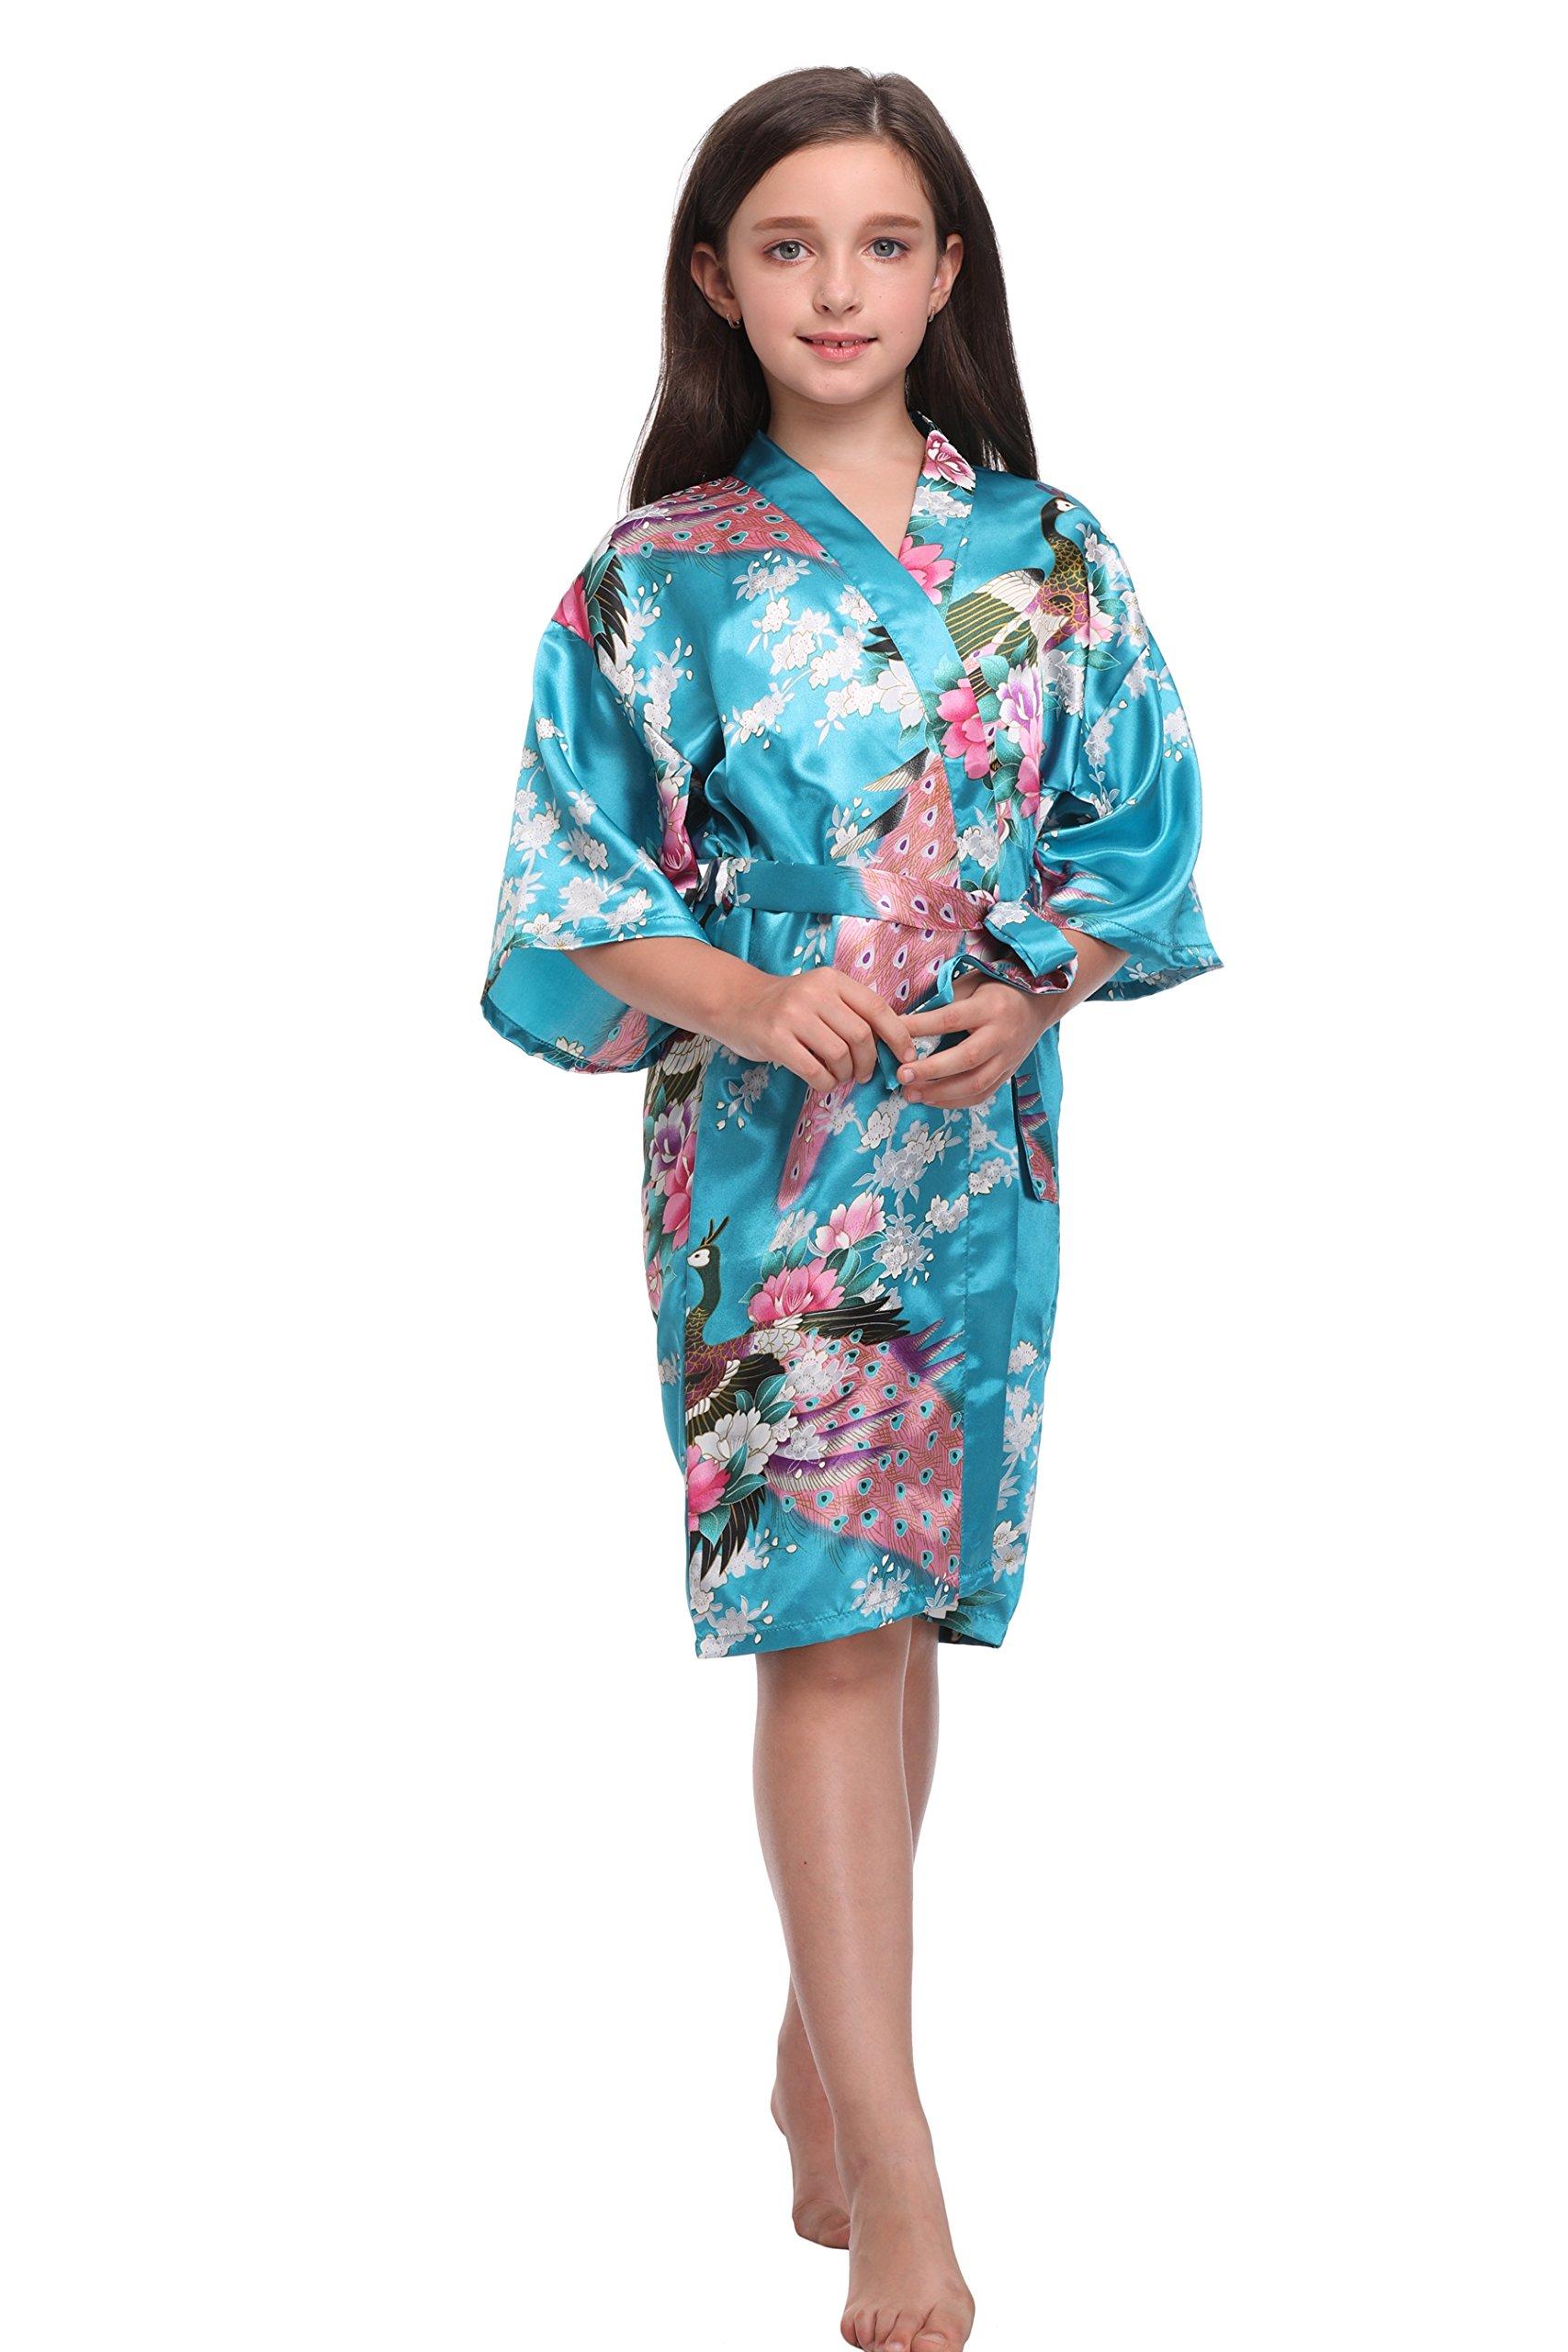 KimonoDeals Children Girls' Soft Peacock&Blossom Kimono Robe, Blue 14